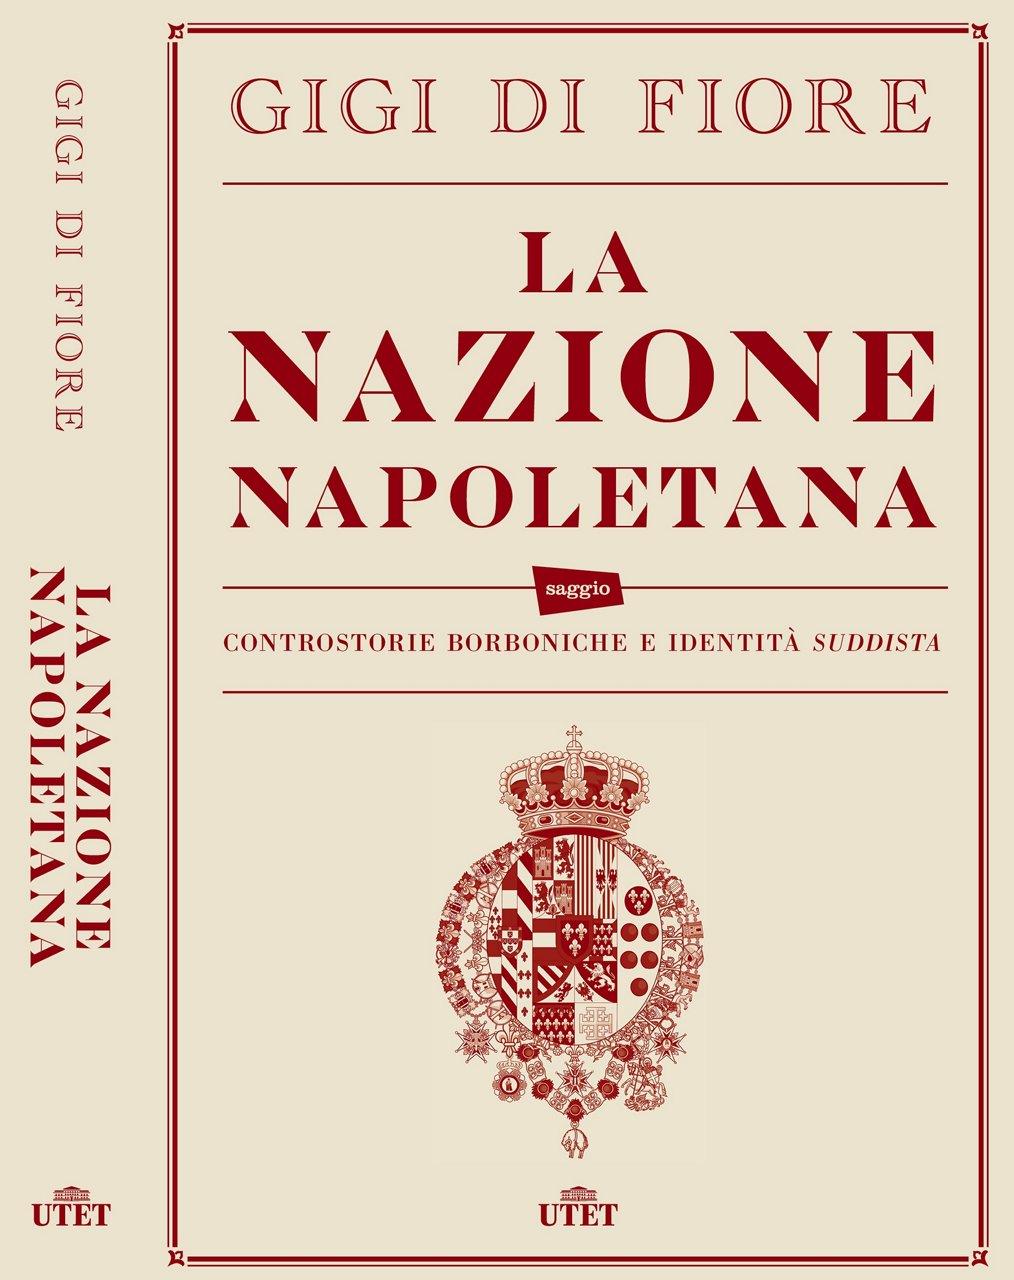 DI Fiore Nazione Napoletana 1#002